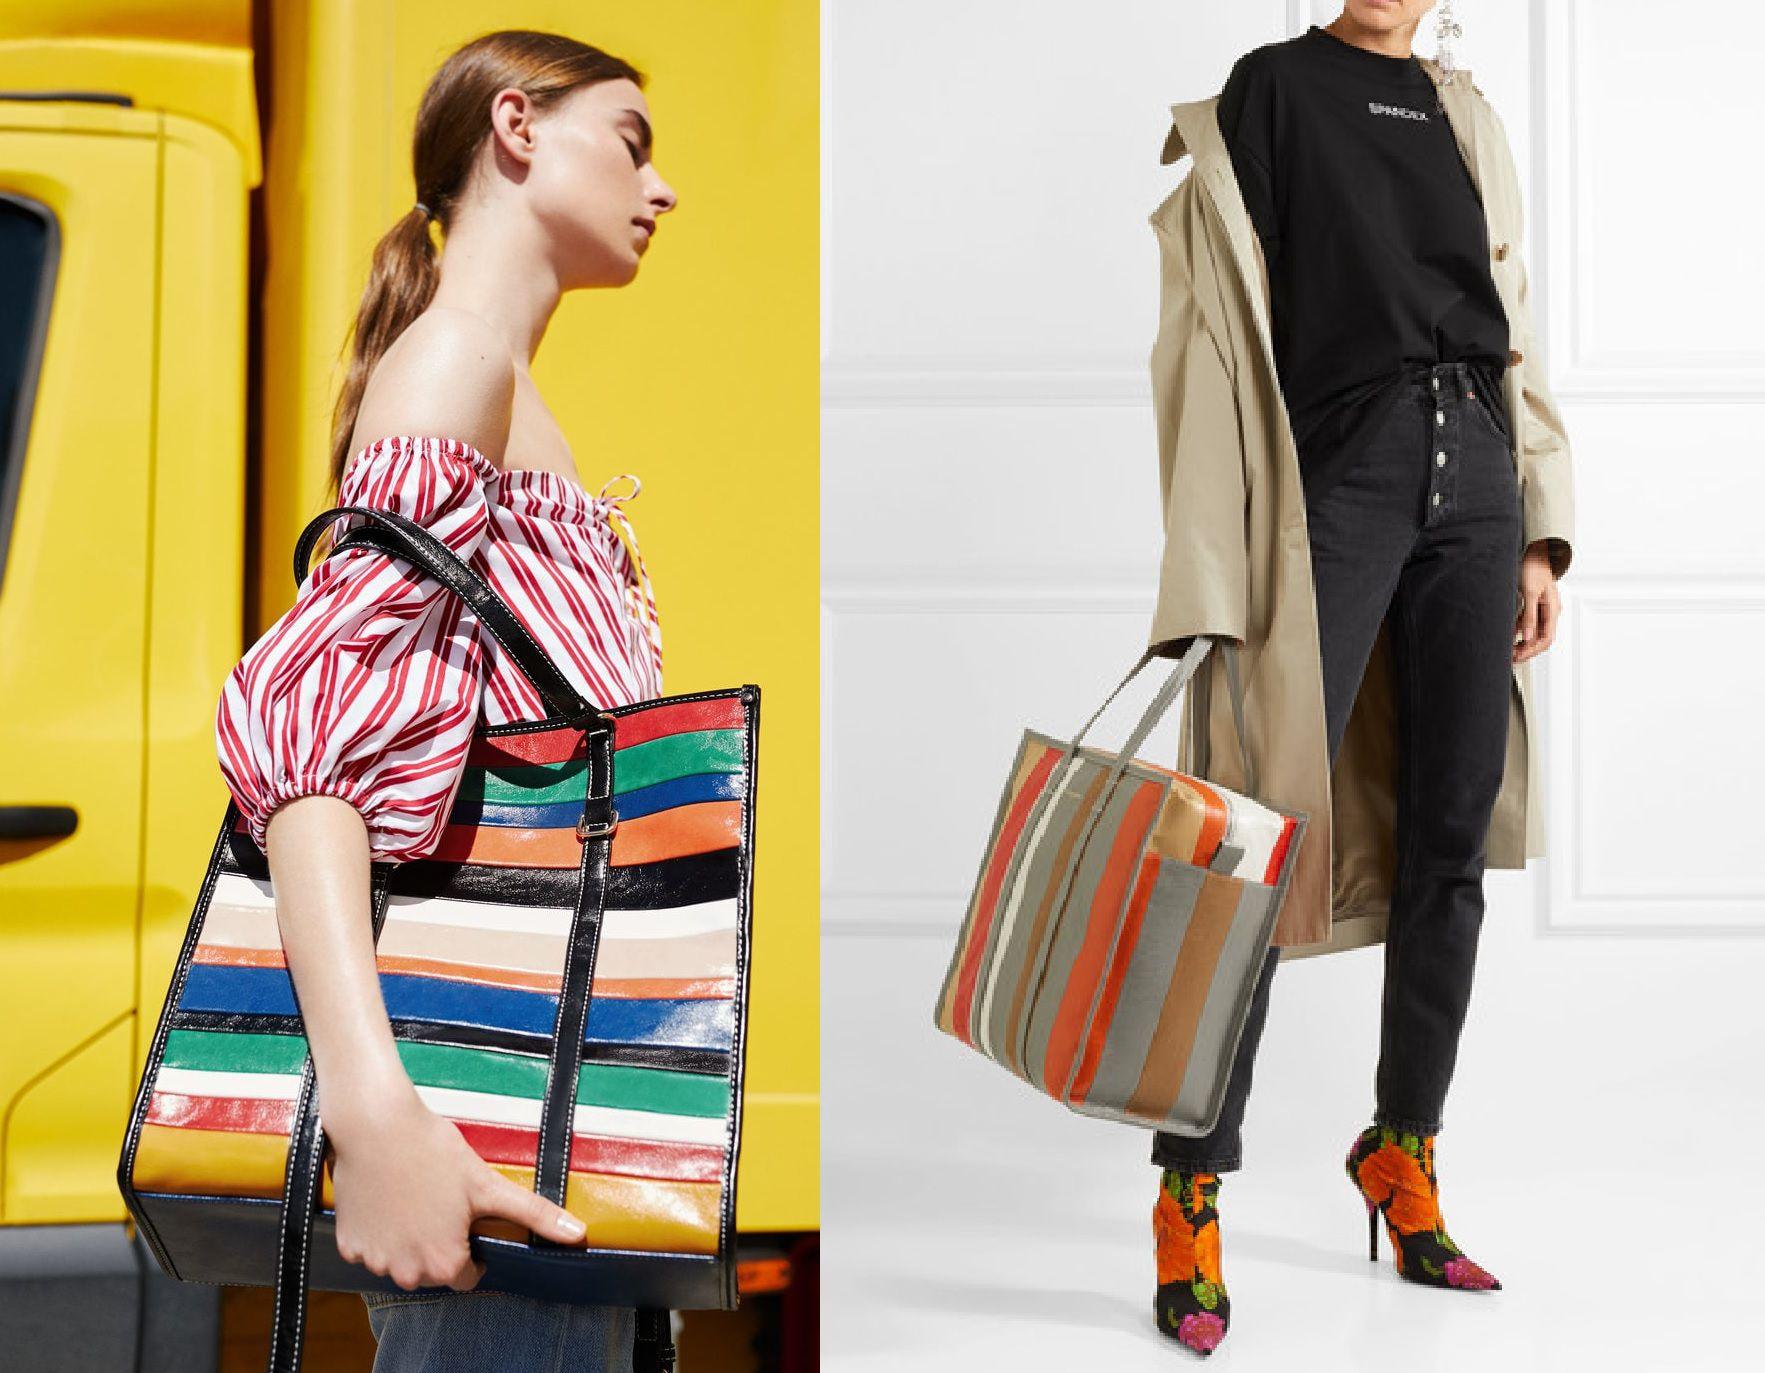 Balenciaga ili high street verzija - koju biste radije imale u svojoj kolekciji?